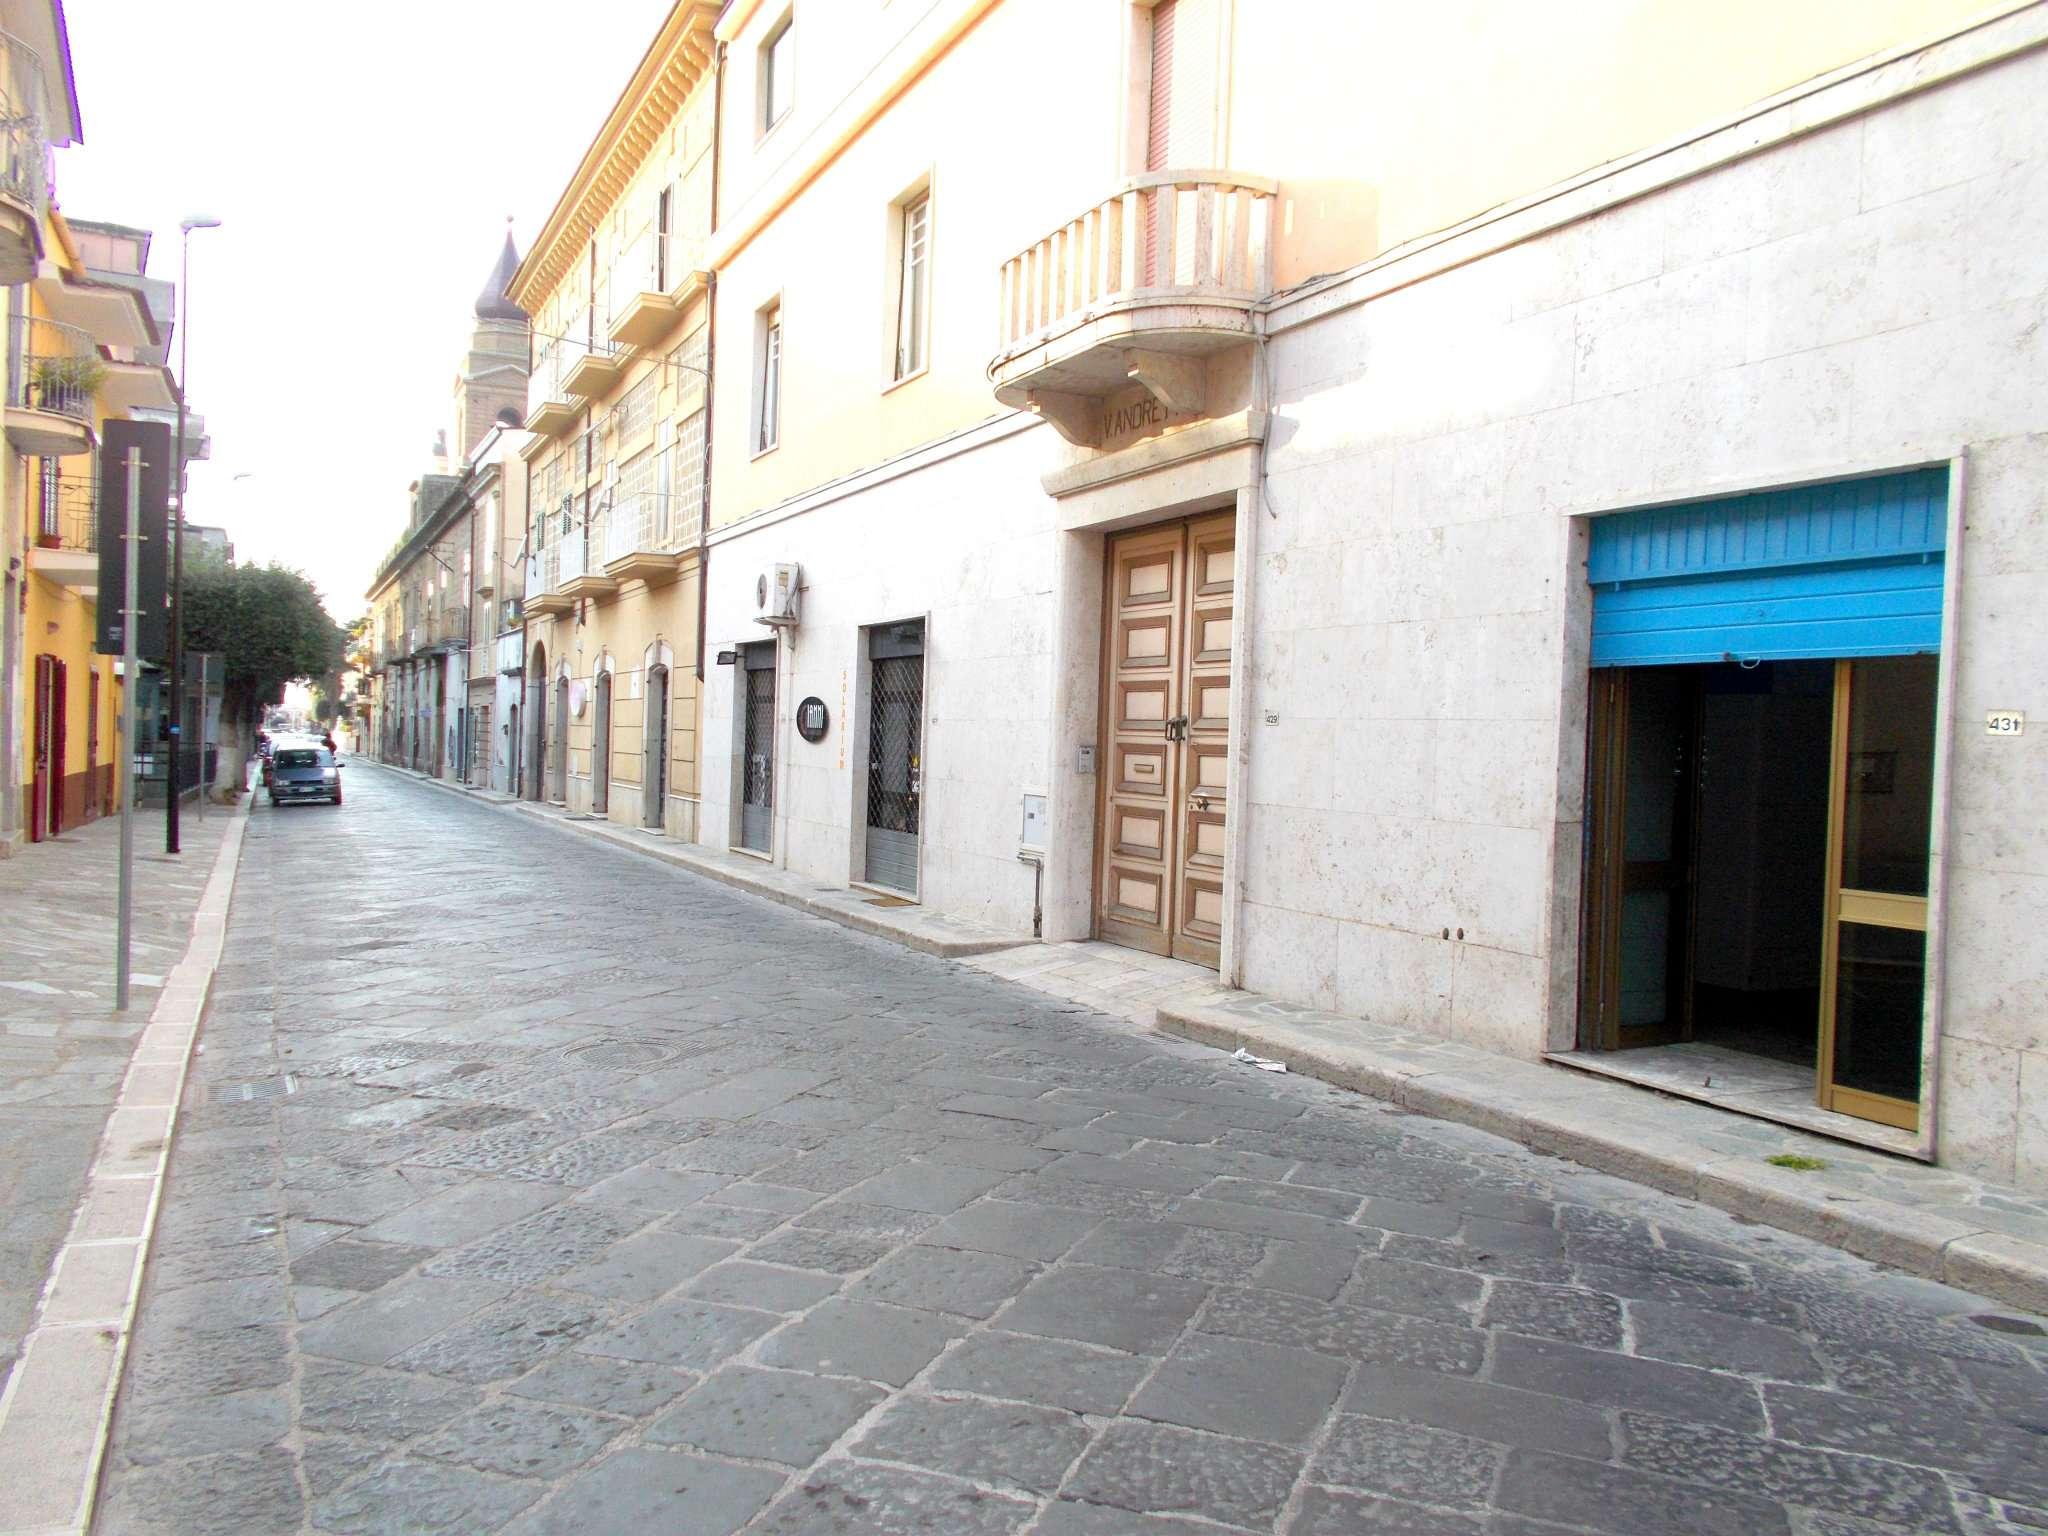 Negozio / Locale in affitto a Santa Maria a Vico, 2 locali, prezzo € 250 | Cambio Casa.it